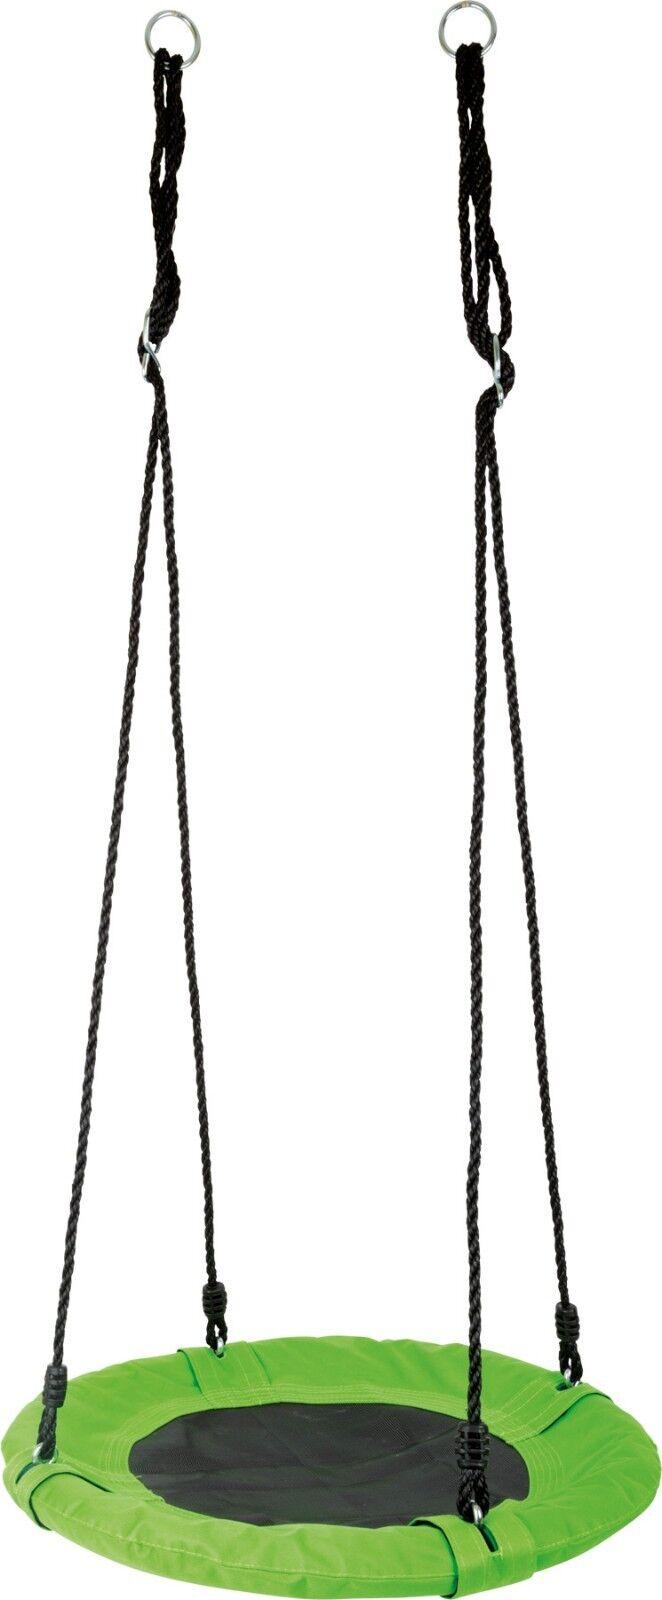 Nestschaukel Liegewiese Kinderschaukel Schaukel für Kinder max. 100 kg Neu